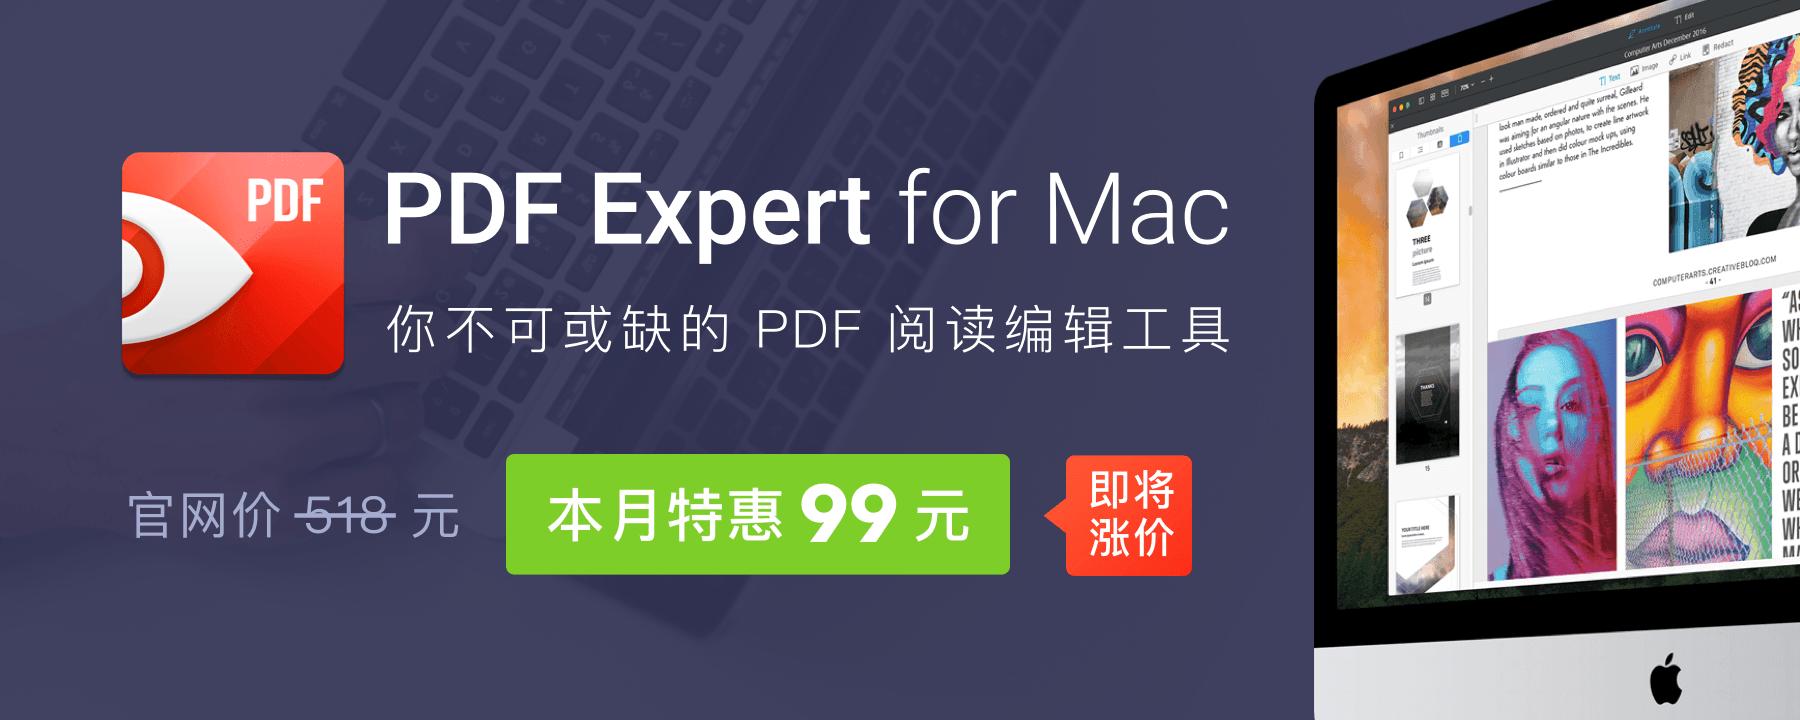 十月涨价赶快上车,99 元买正版 Mac 软件 PDF Expert